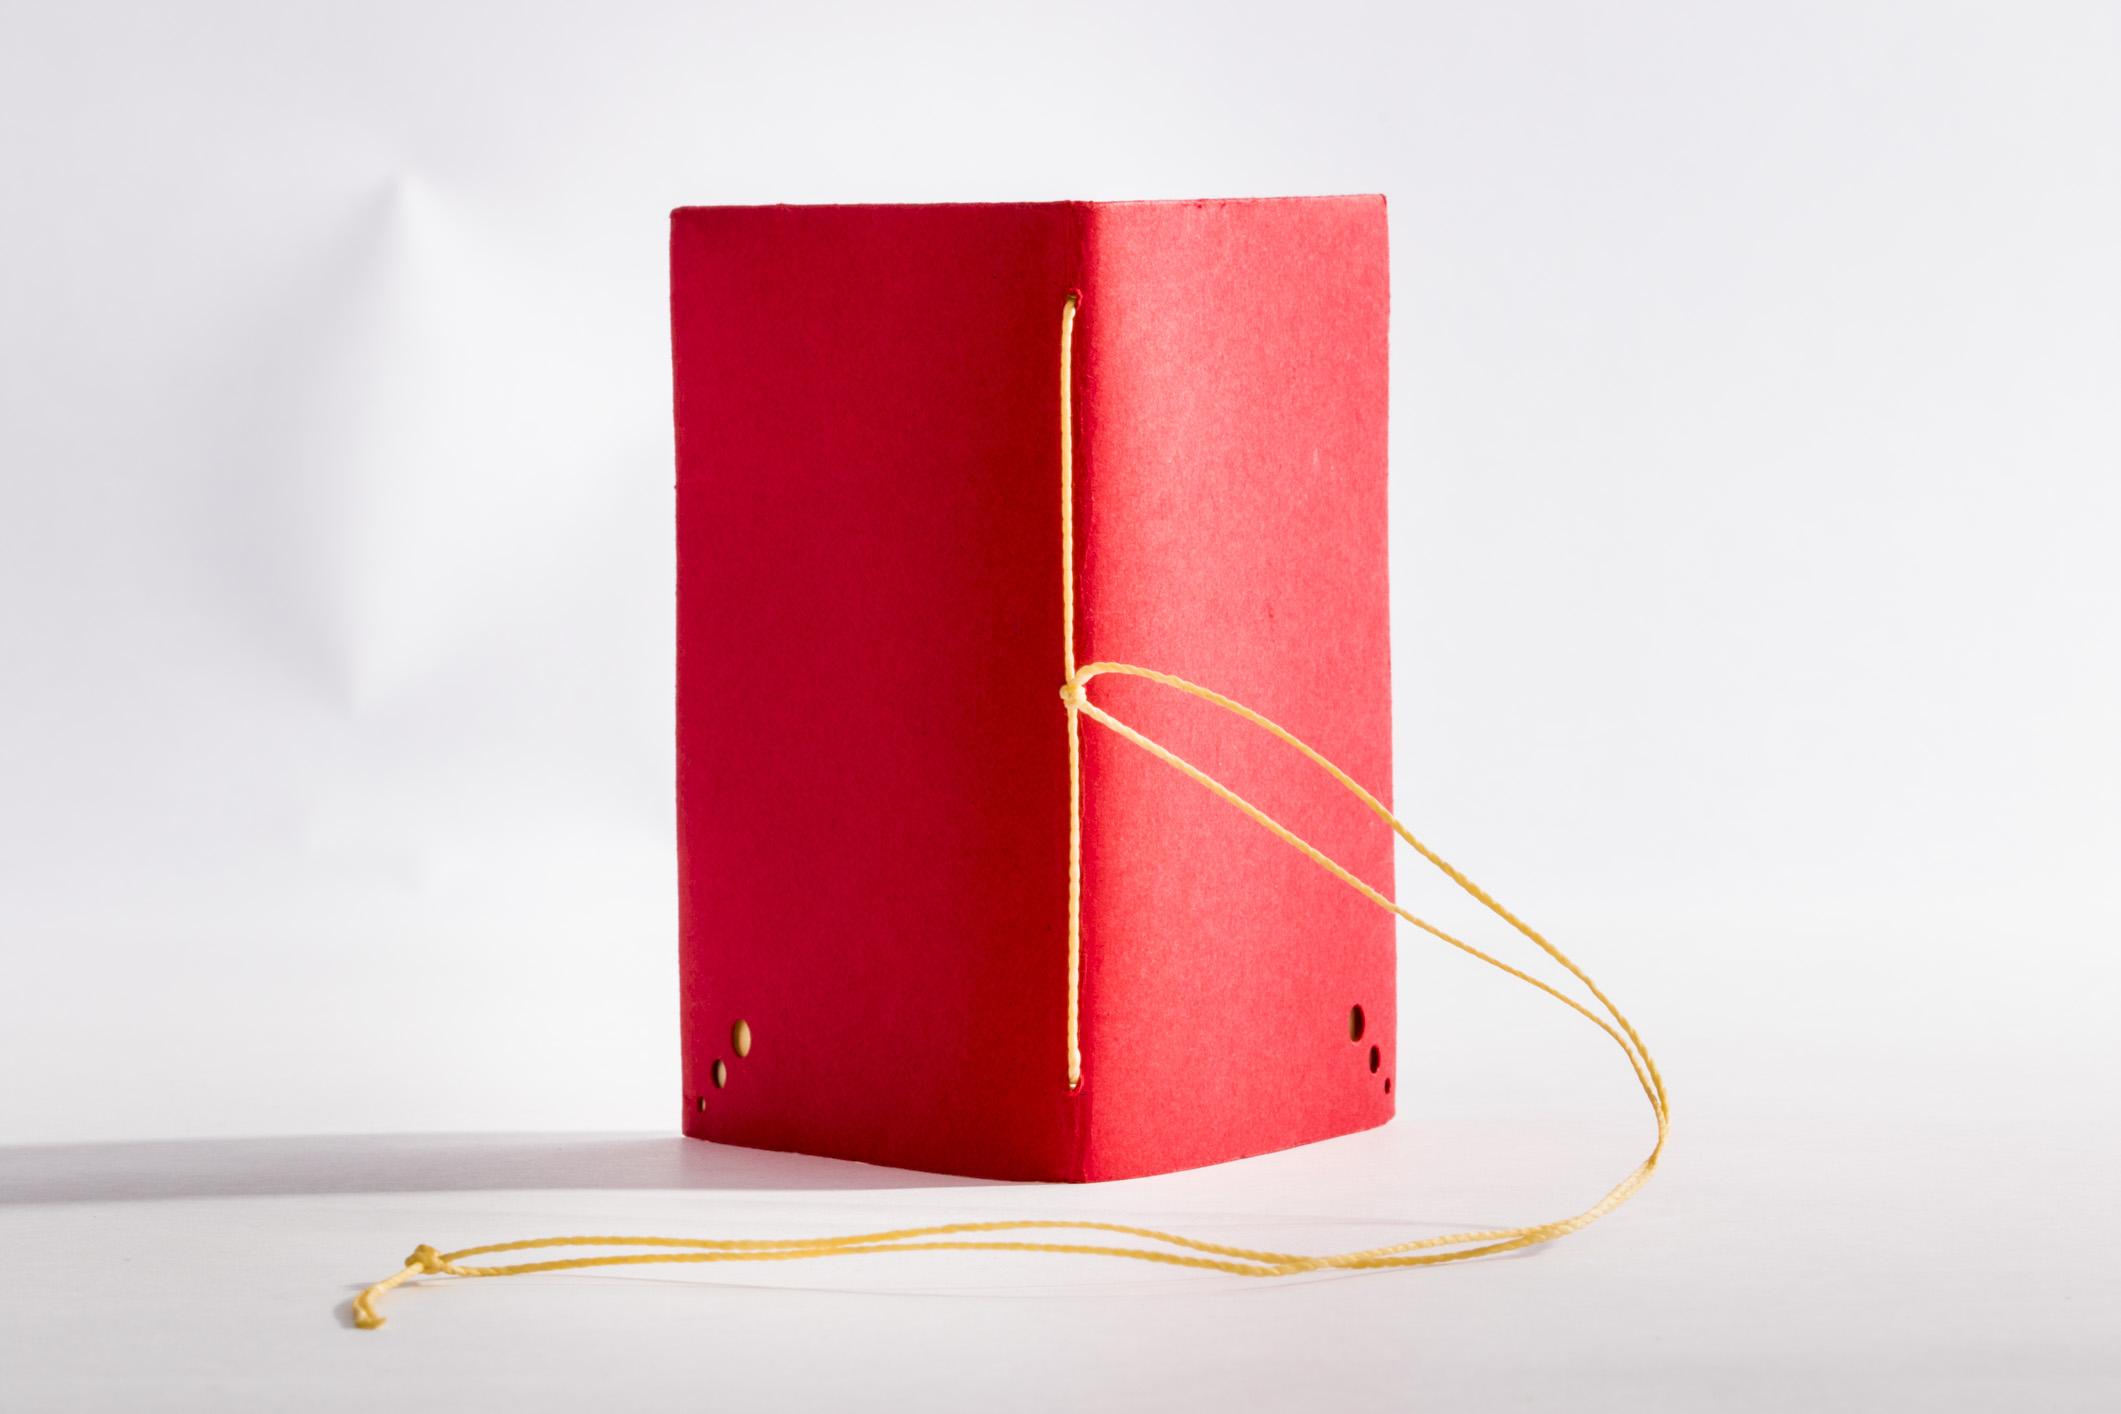 encadernacao_livros_capas_flexiveis_eduK_Padovan-35.jpg